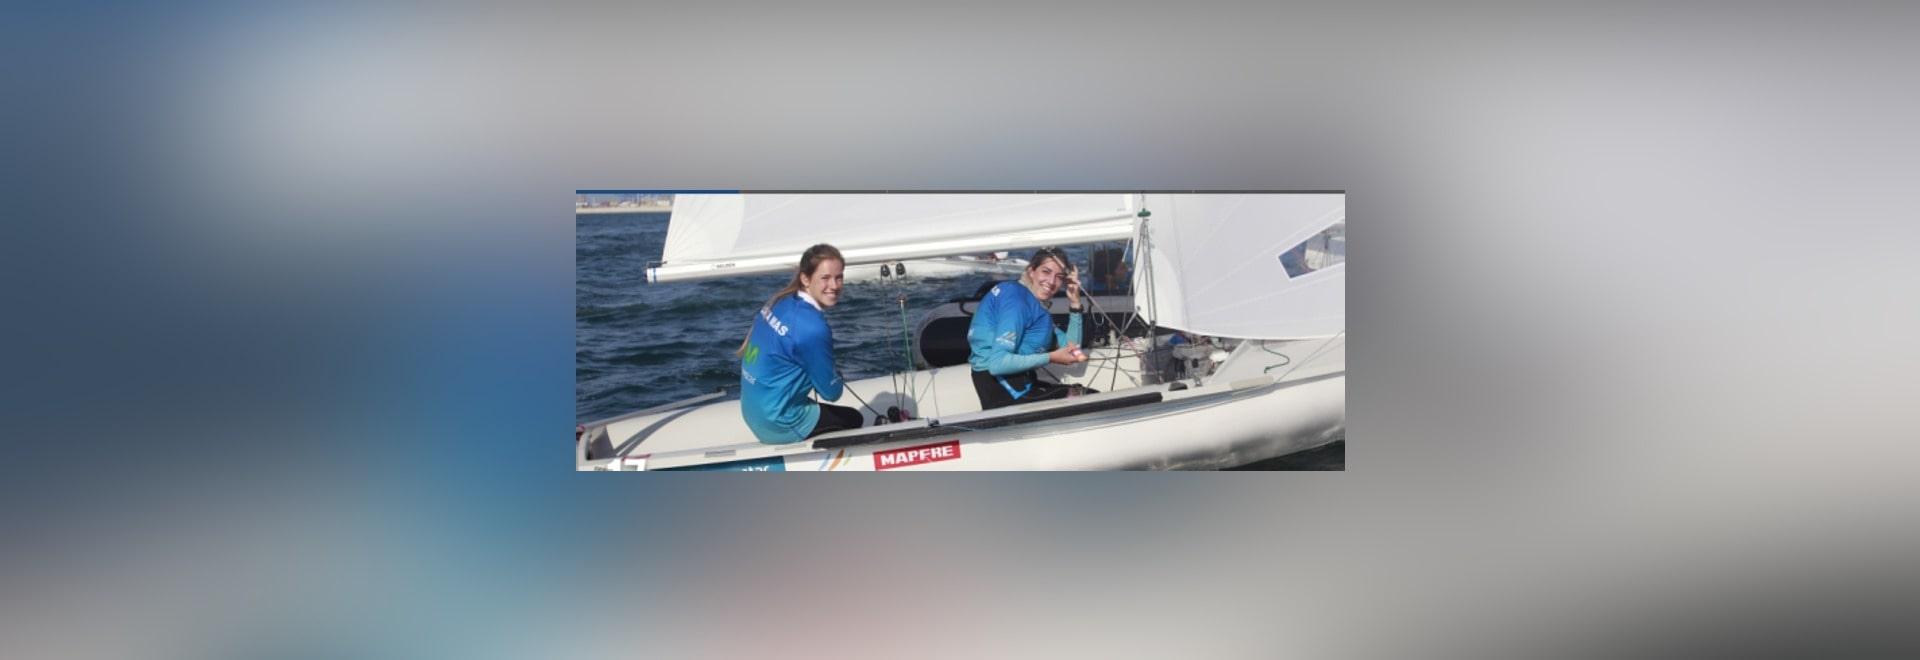 Bâtiment au futur : Comment la navigation de GCYSA et de KO aidera la navigation olympique des USA